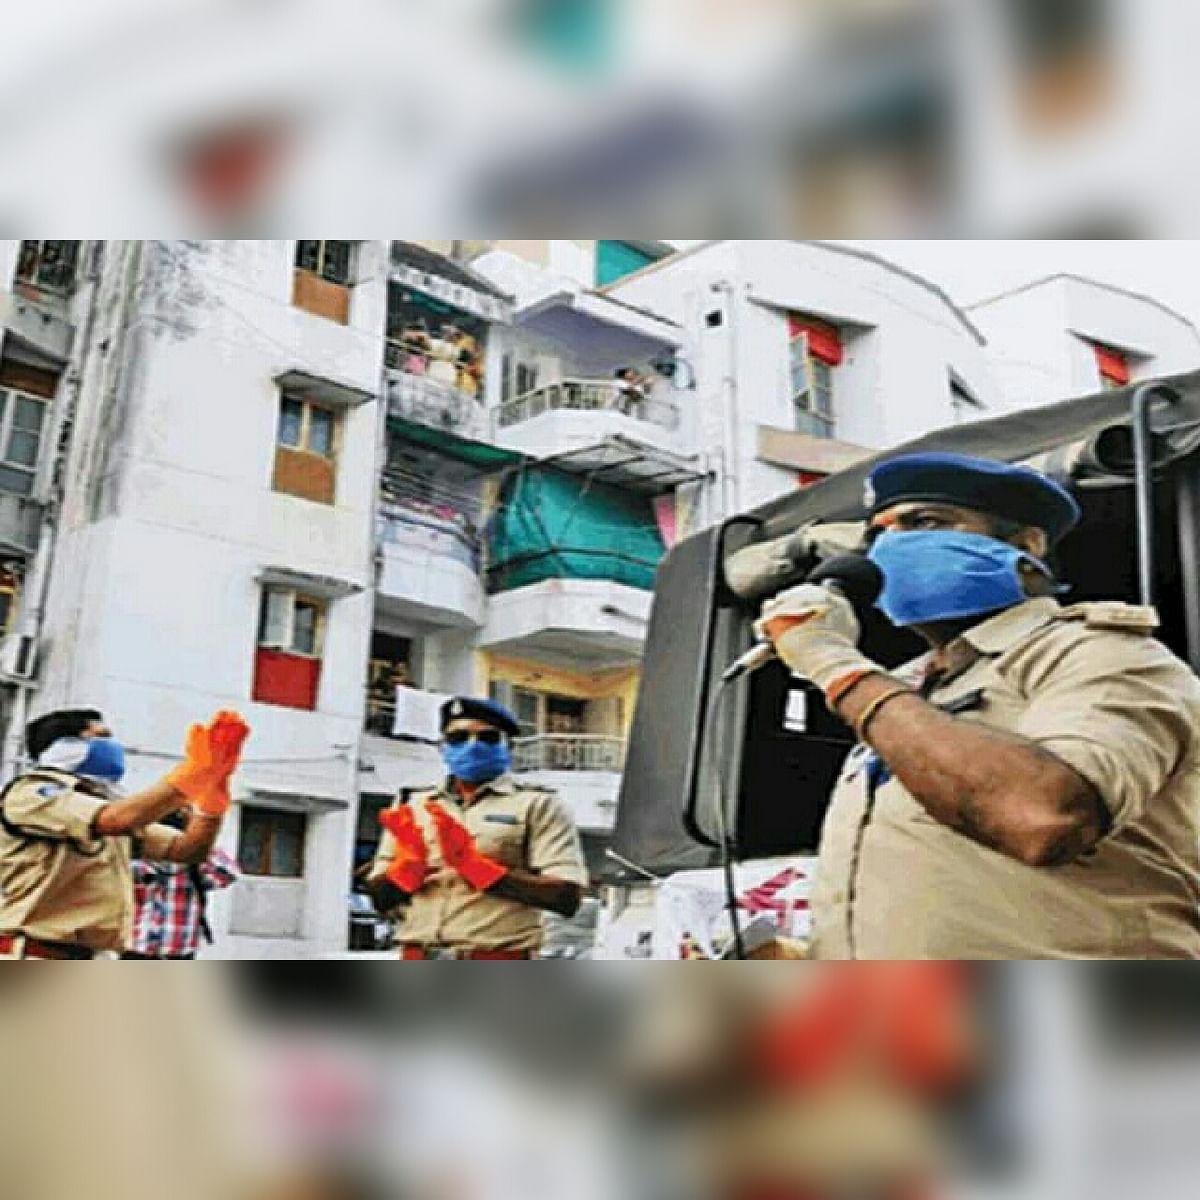 पुलिस कर्मचारियों ने फिर से संभाला मोर्चा, दी कोरोना को मात